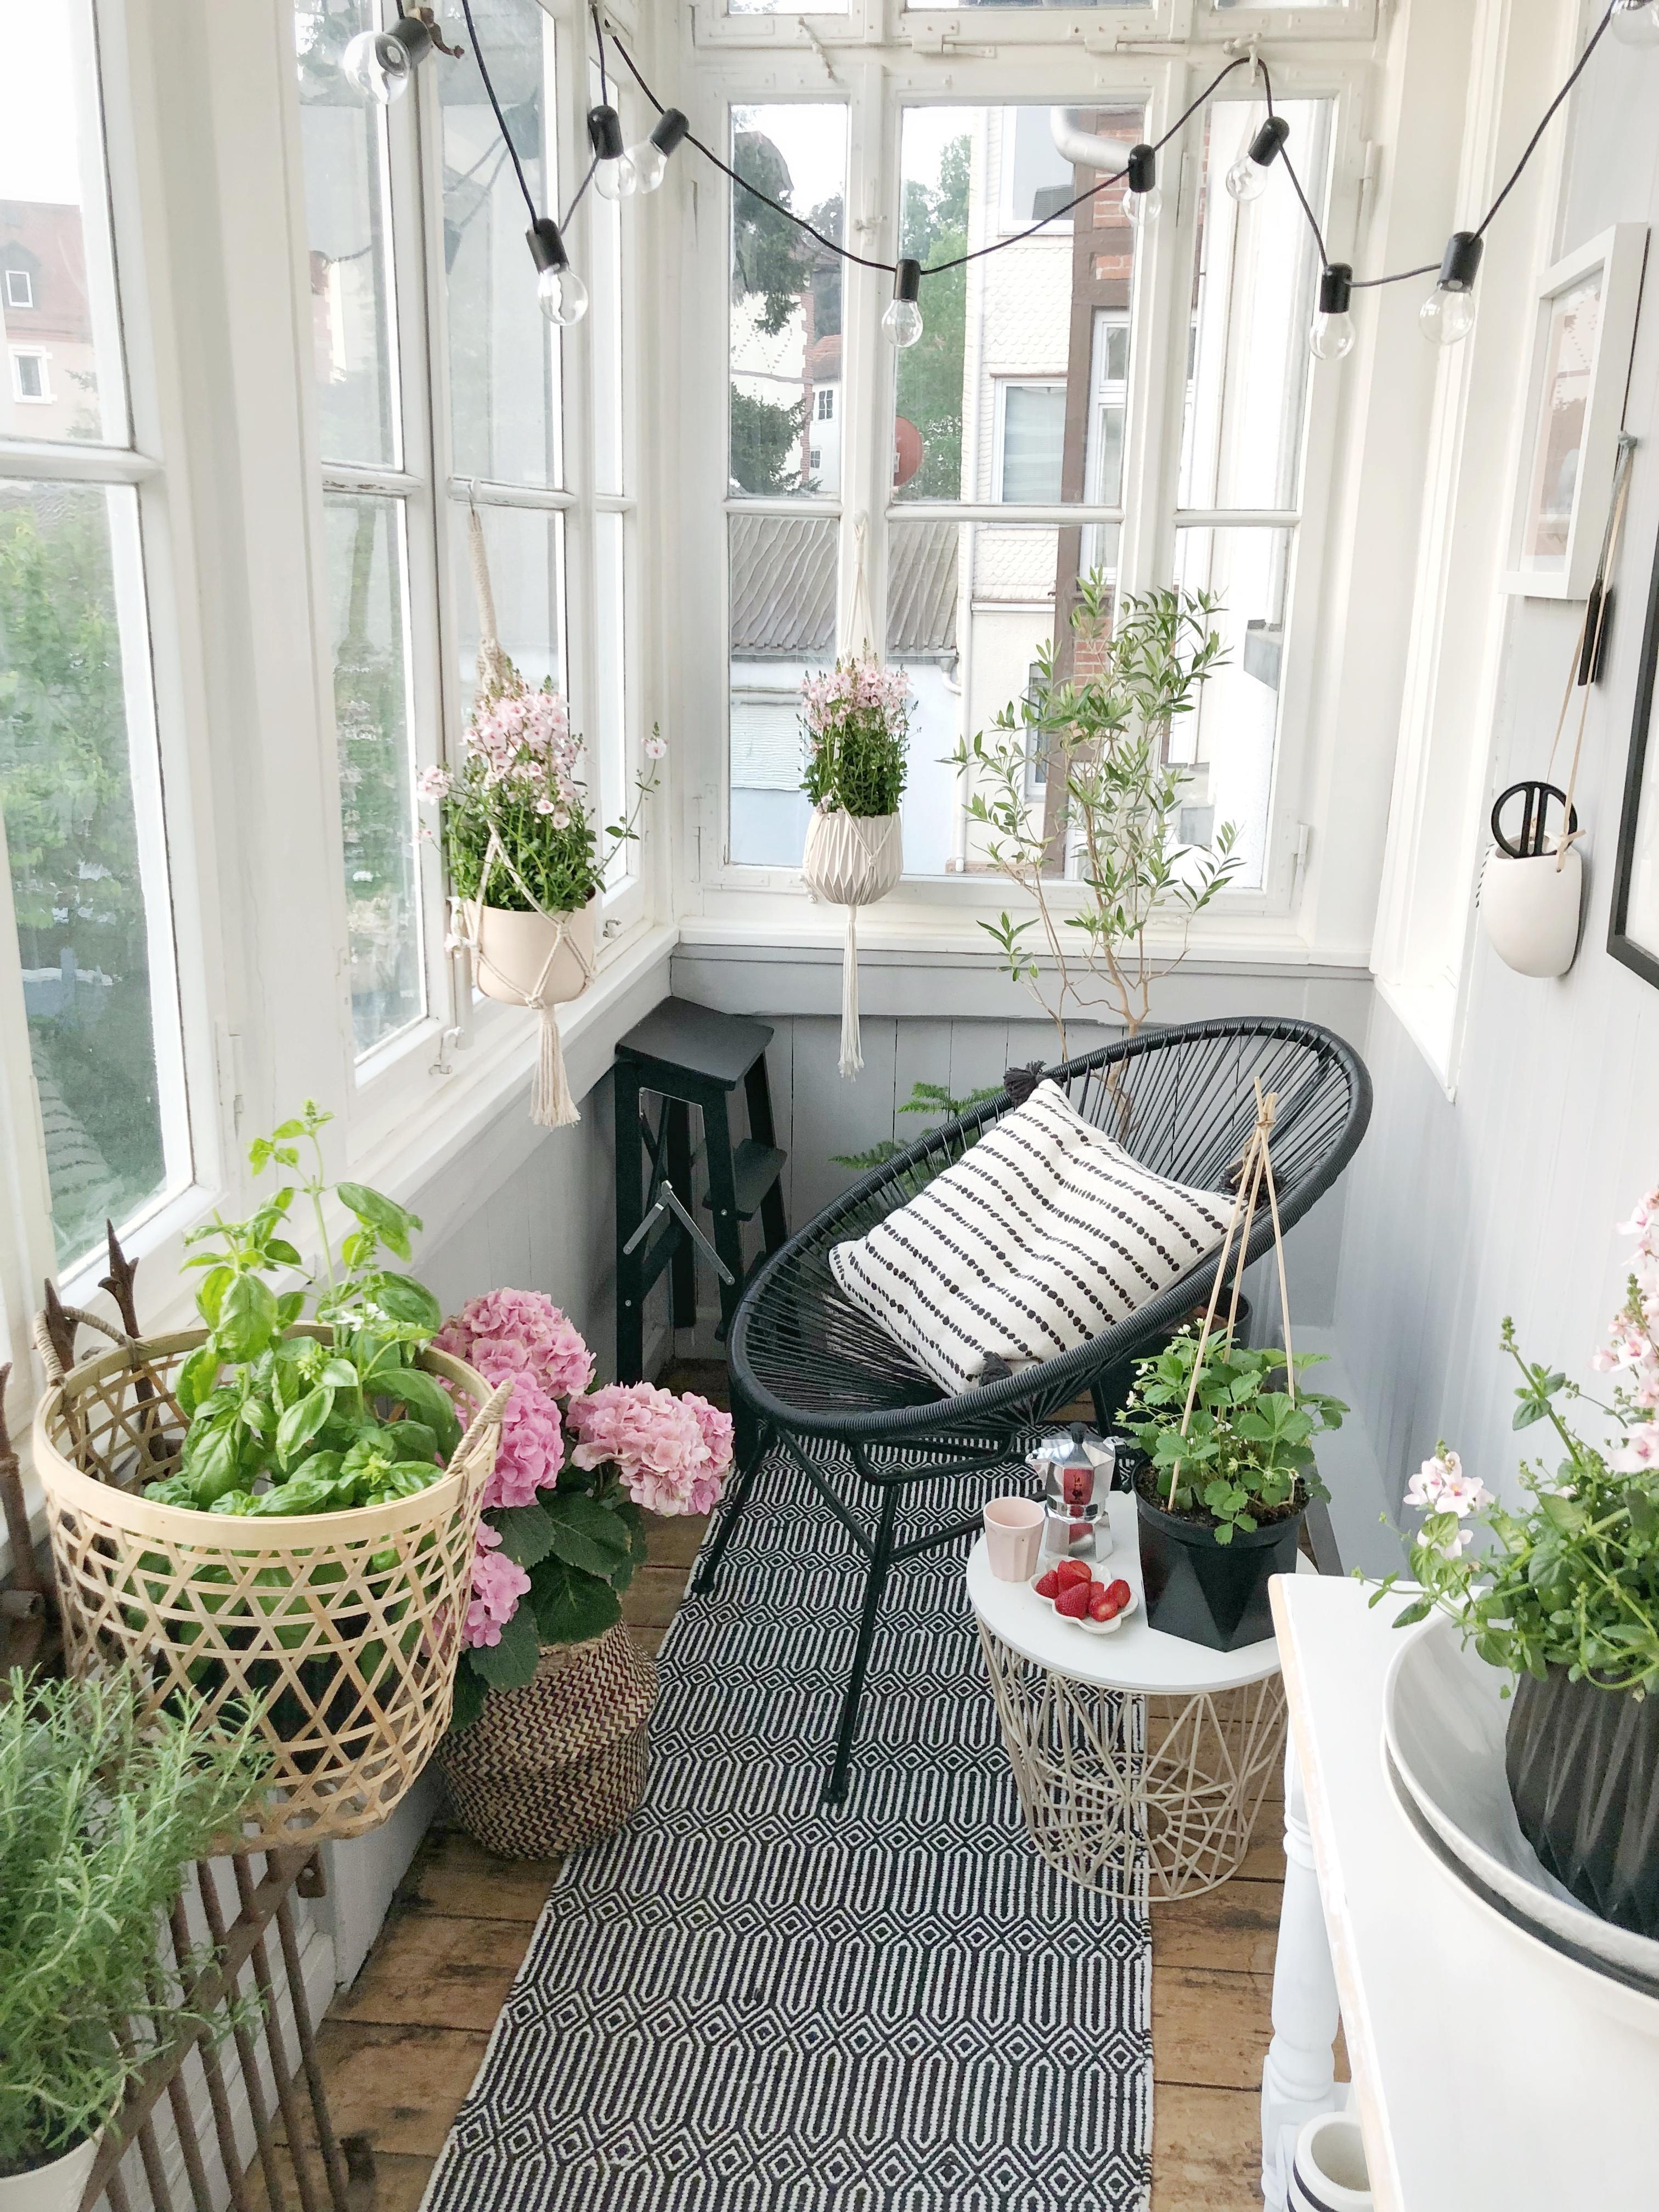 Entzückend Amerikanische Terrasse Galerie Von #altbau#veranda#scandistyle#wintergarten